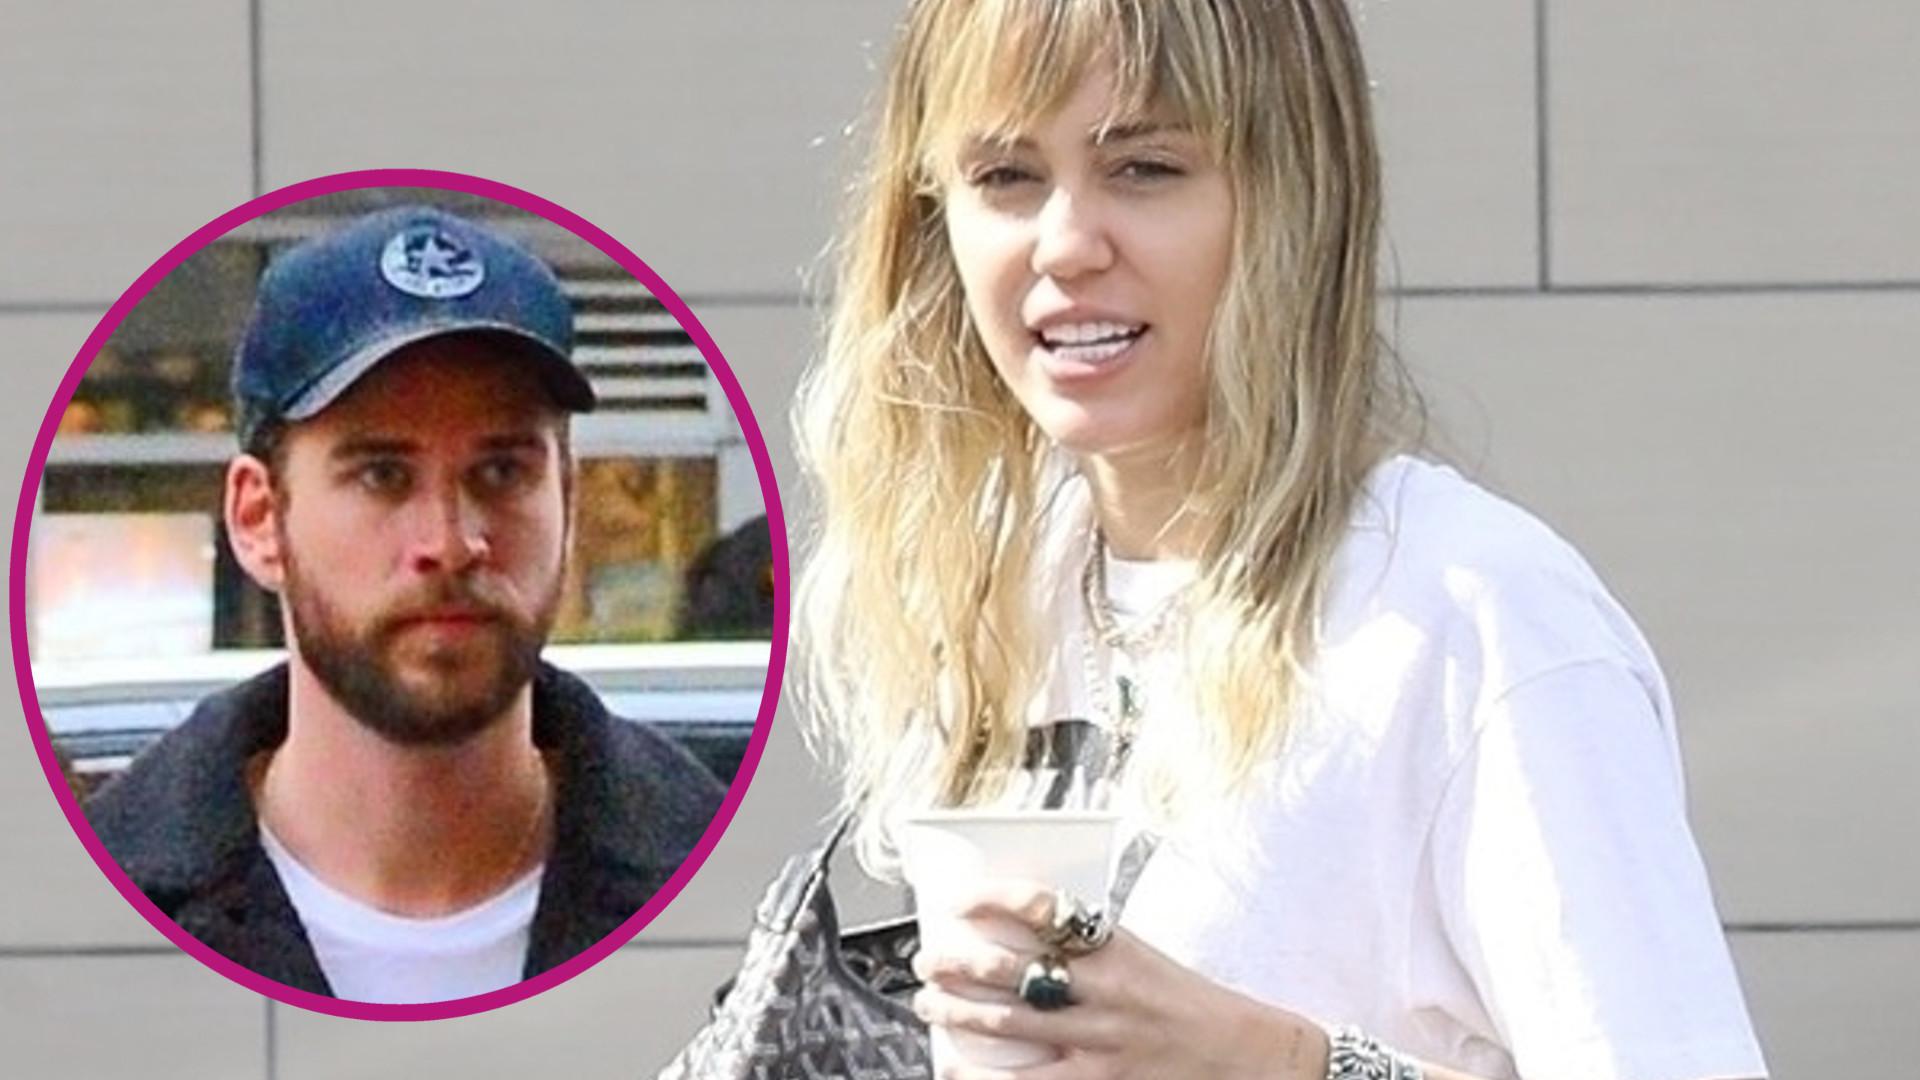 Miley Cyrus MOCNO pojechała po byłym mężu! Tak ostrych słów chyba nikt się nie spodziewał